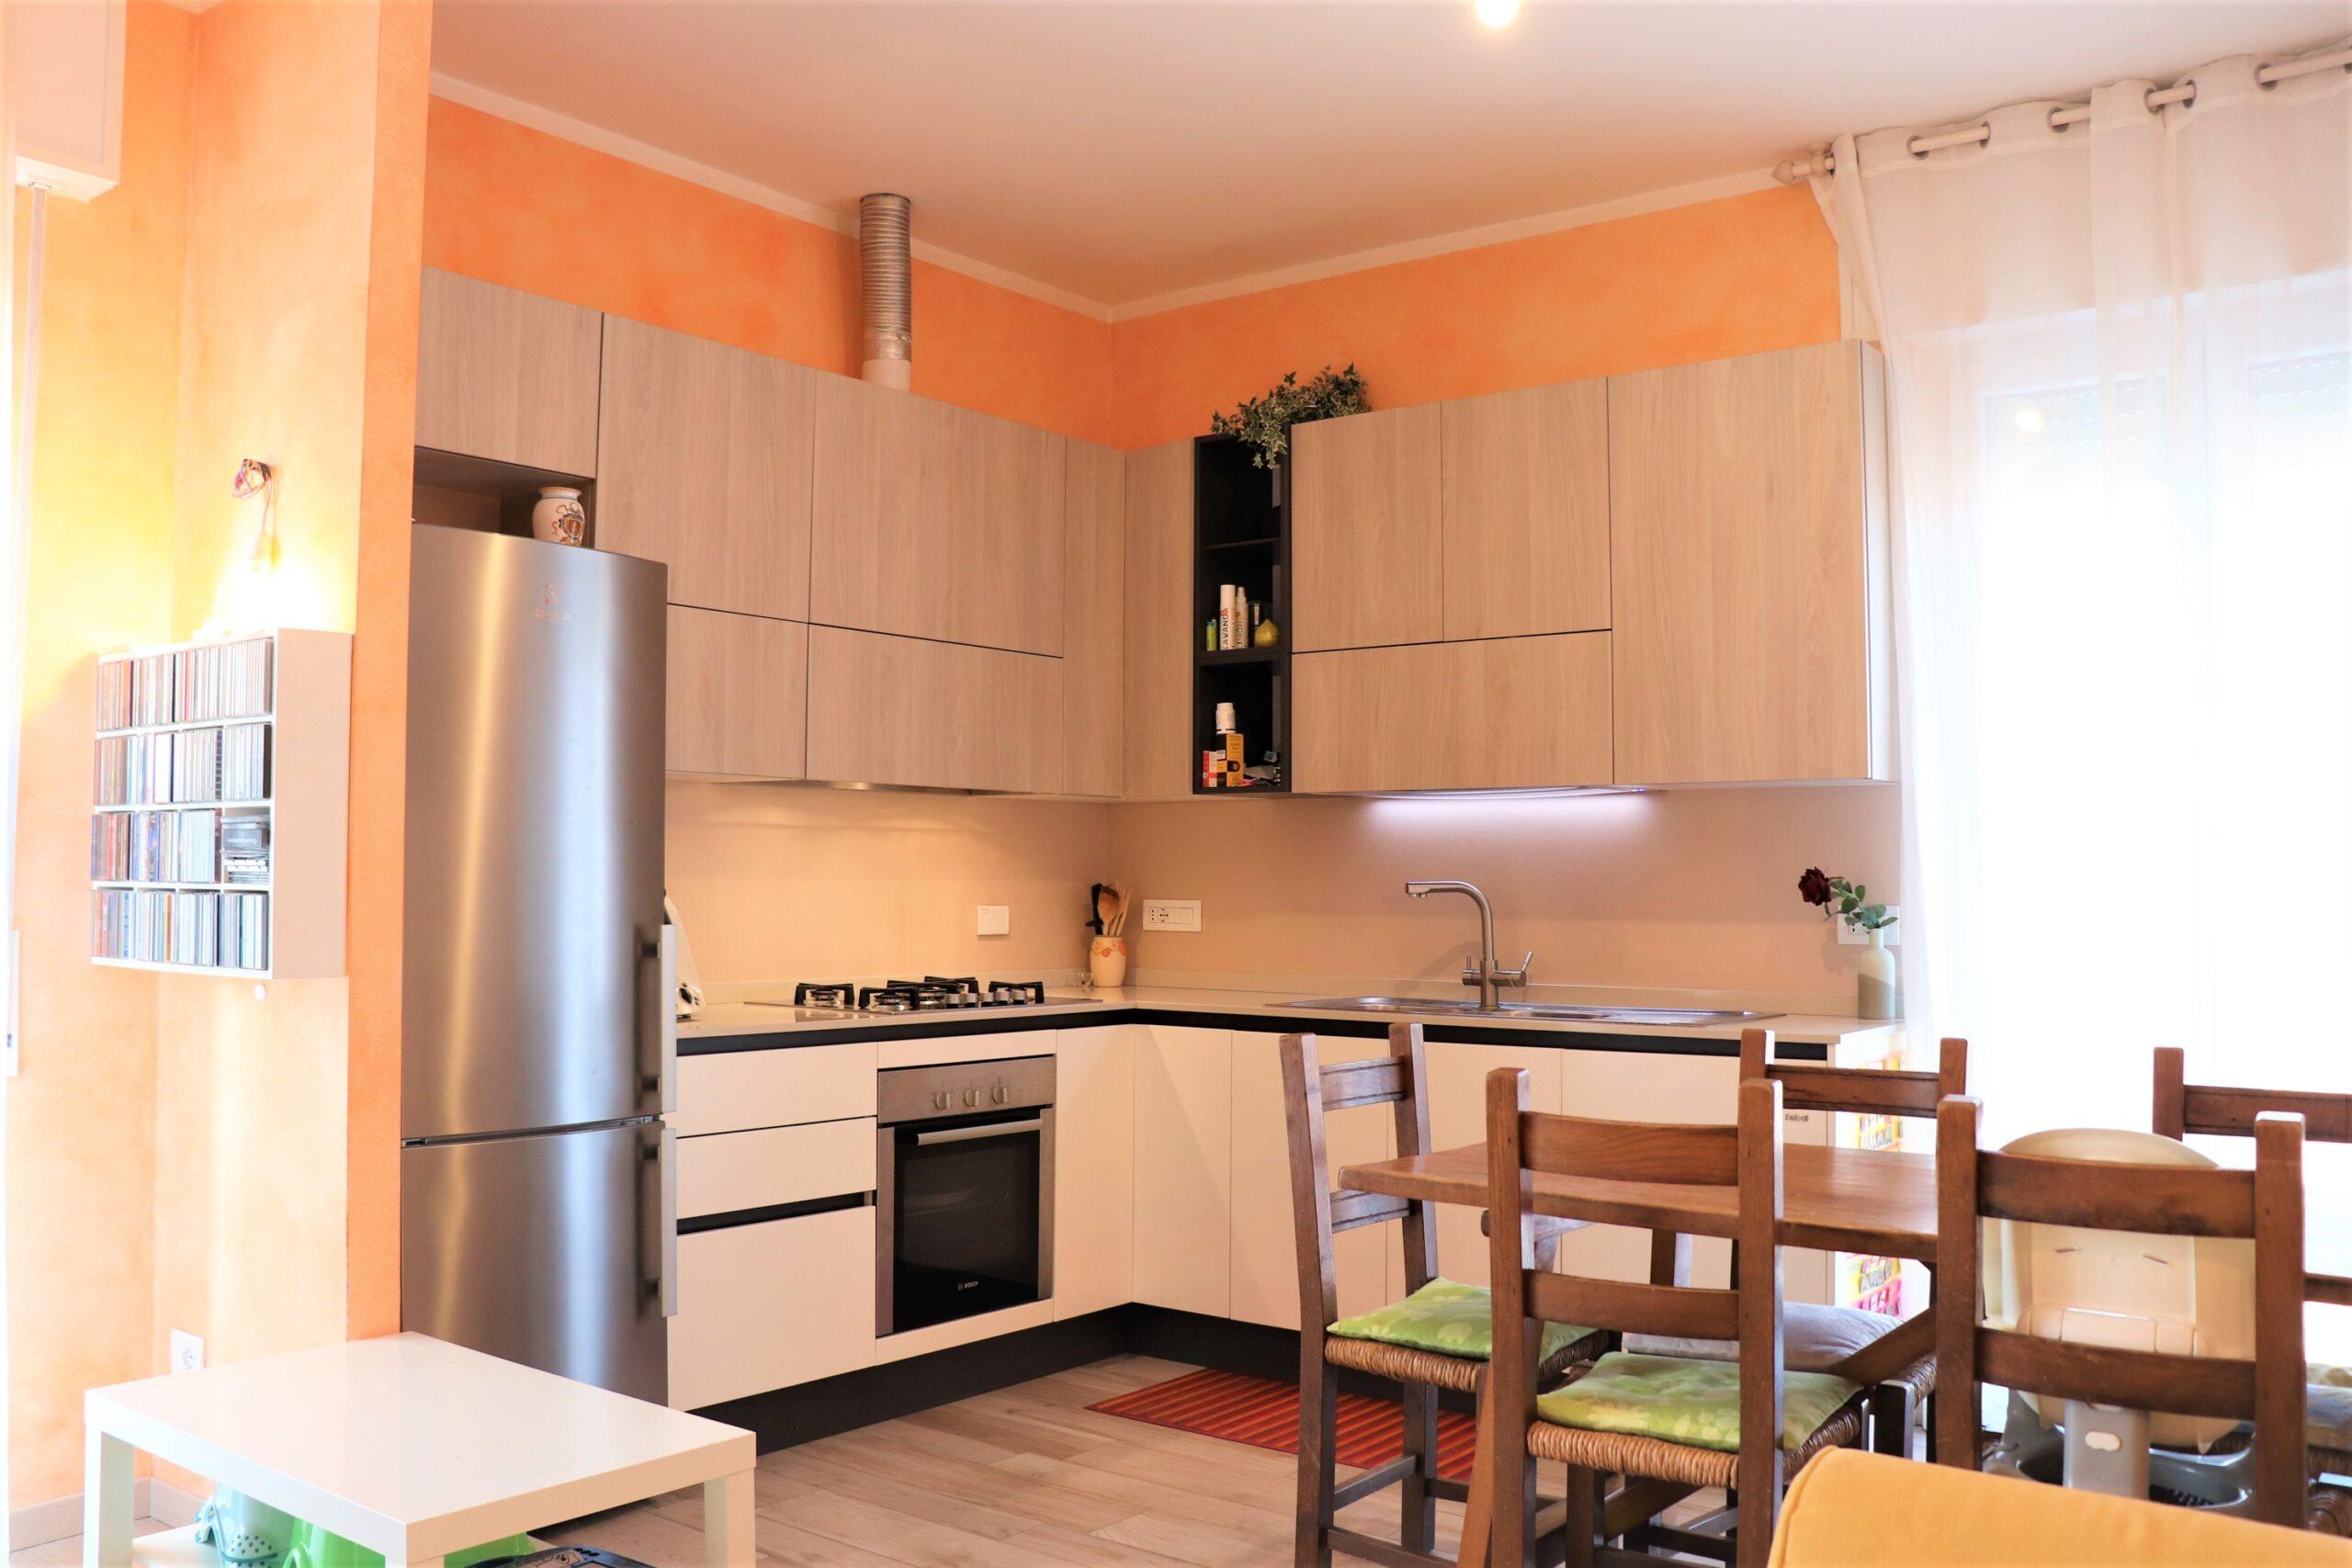 Appartamento in vendita a Budrio con tre camere